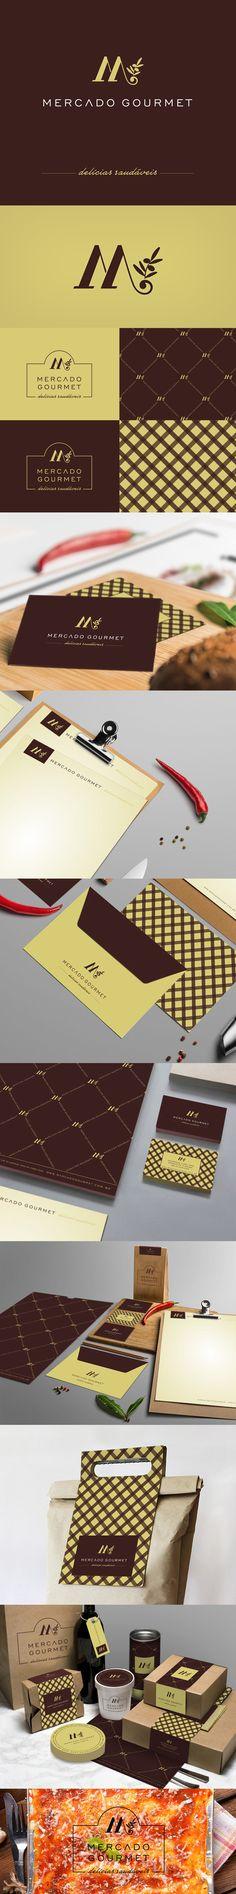 Posicionamento da marca Mercado Gourmet - loja de alimentos naturais / conveniência. Projeto: Branding (marca/Identidade corporativa/MKT/ Sinalização) designer: Priscila Áquila